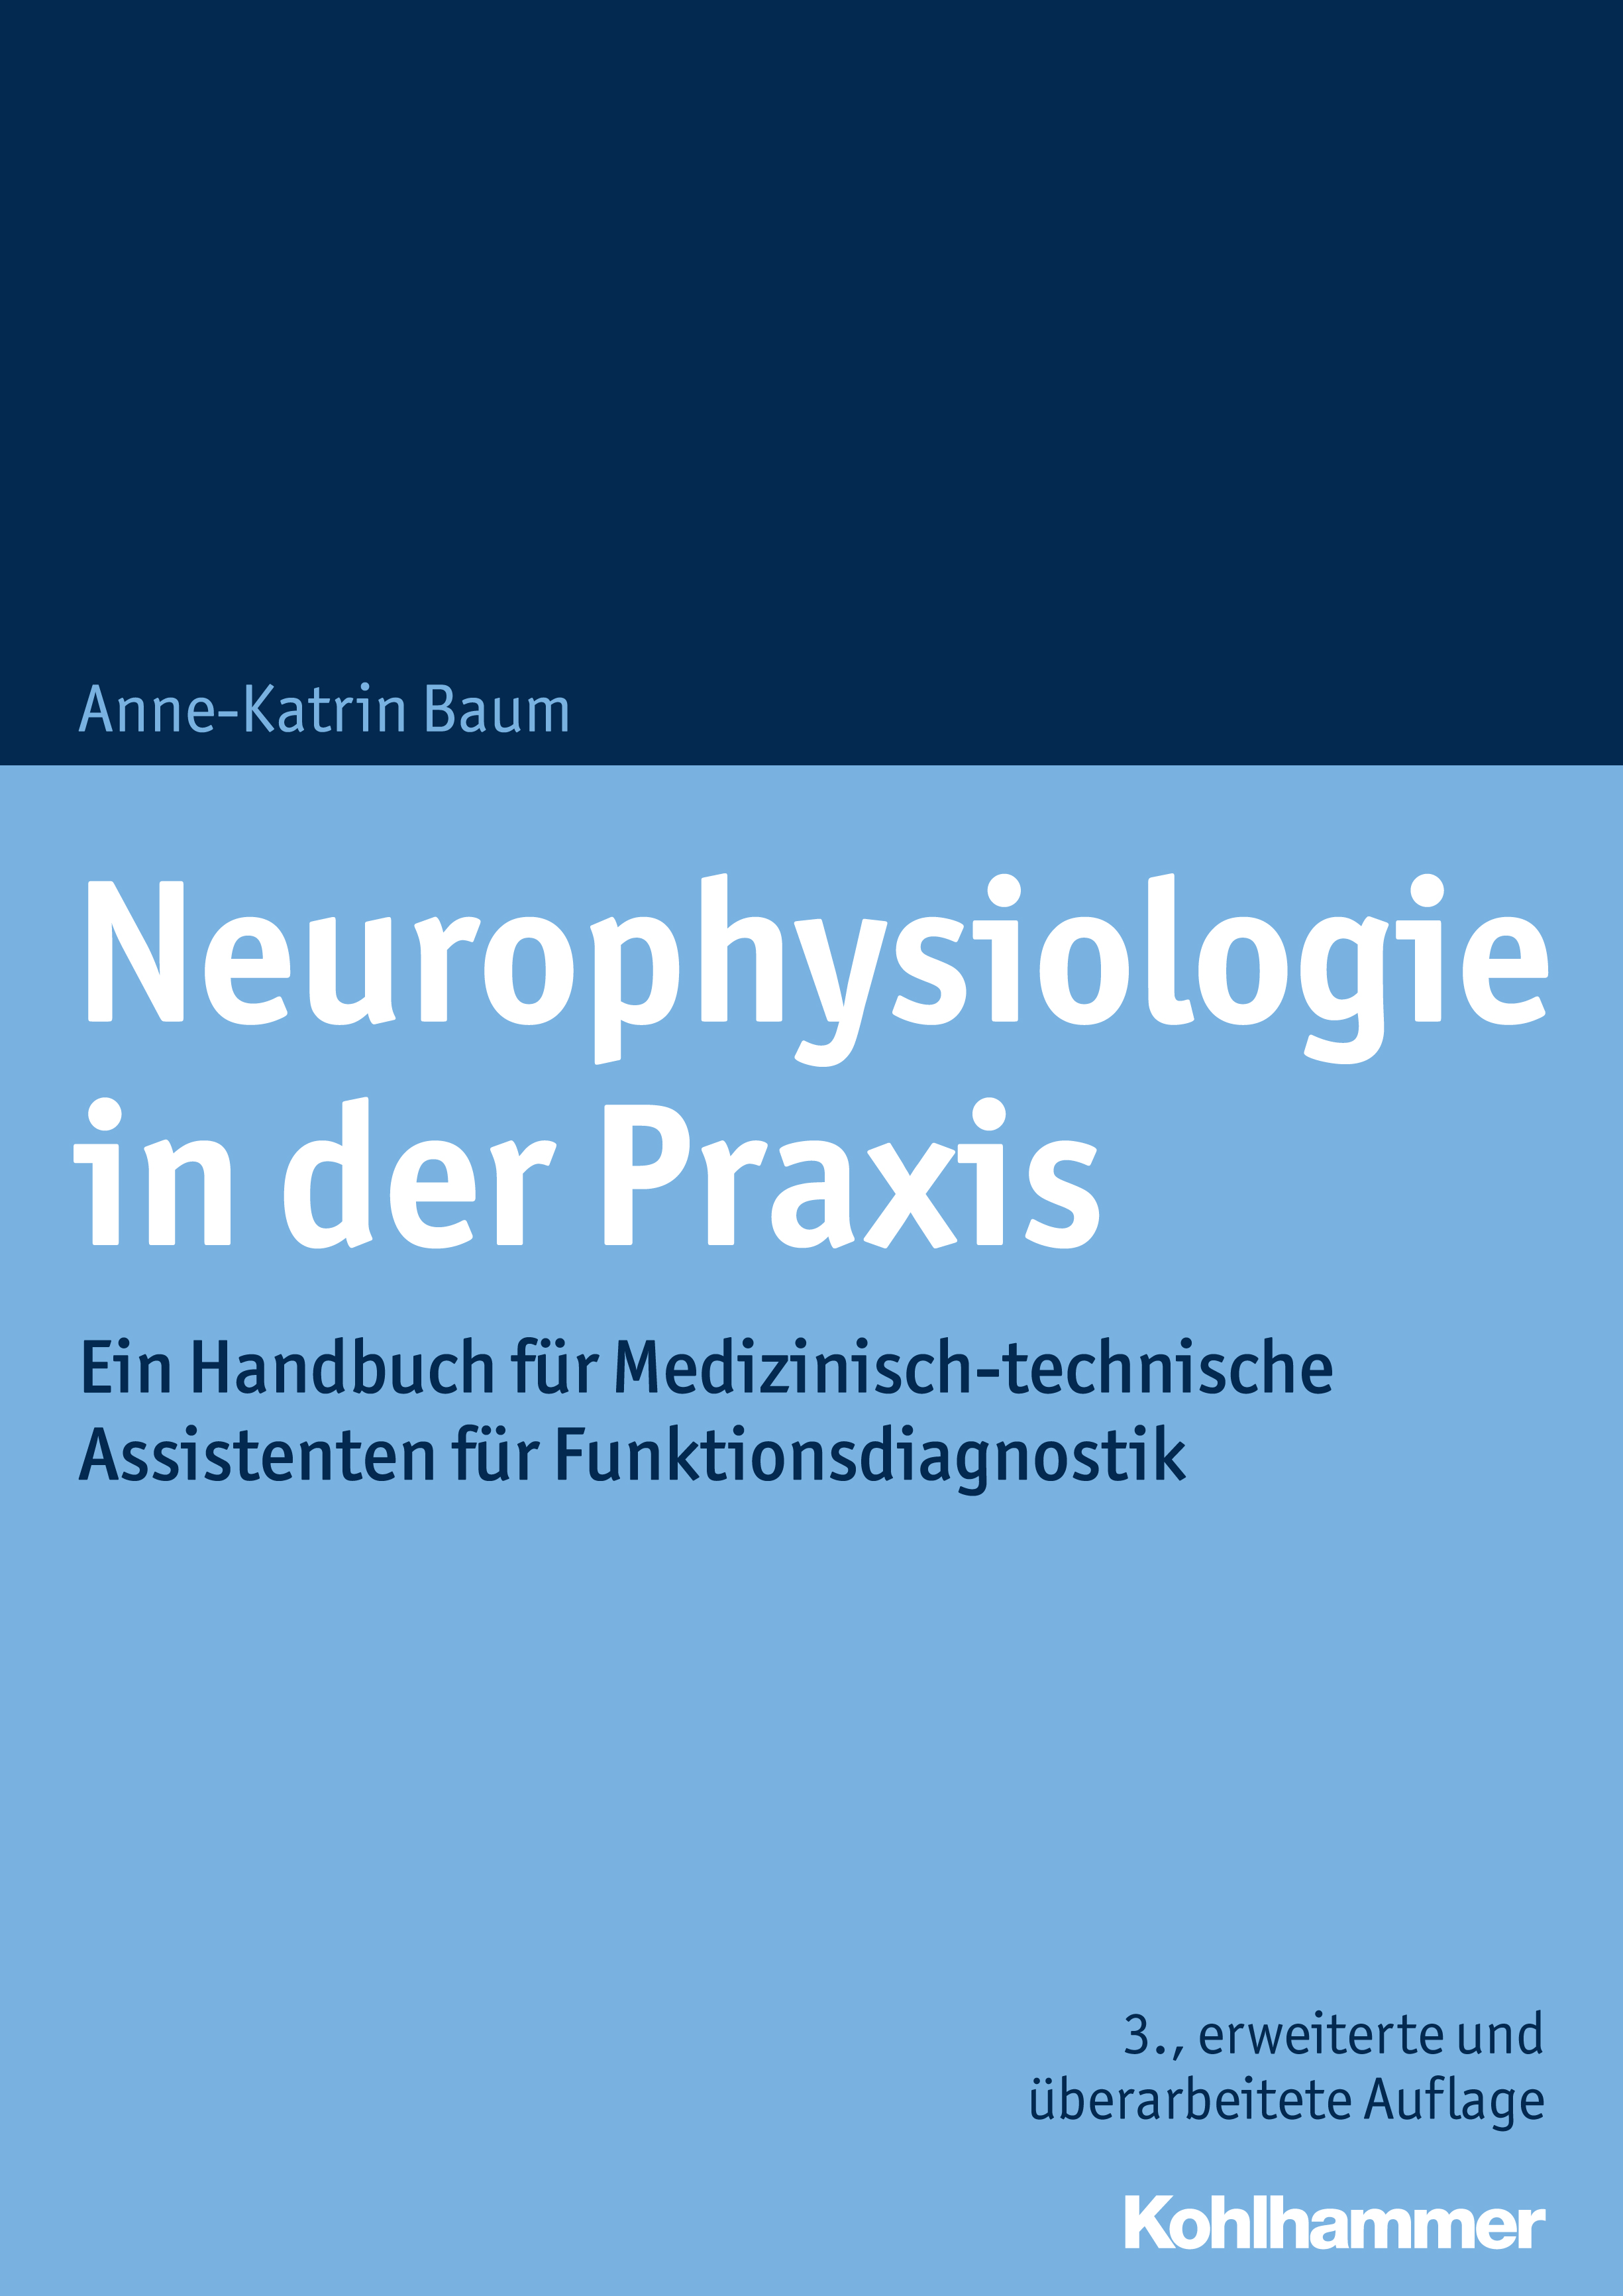 Neurophysiologie in der Praxis